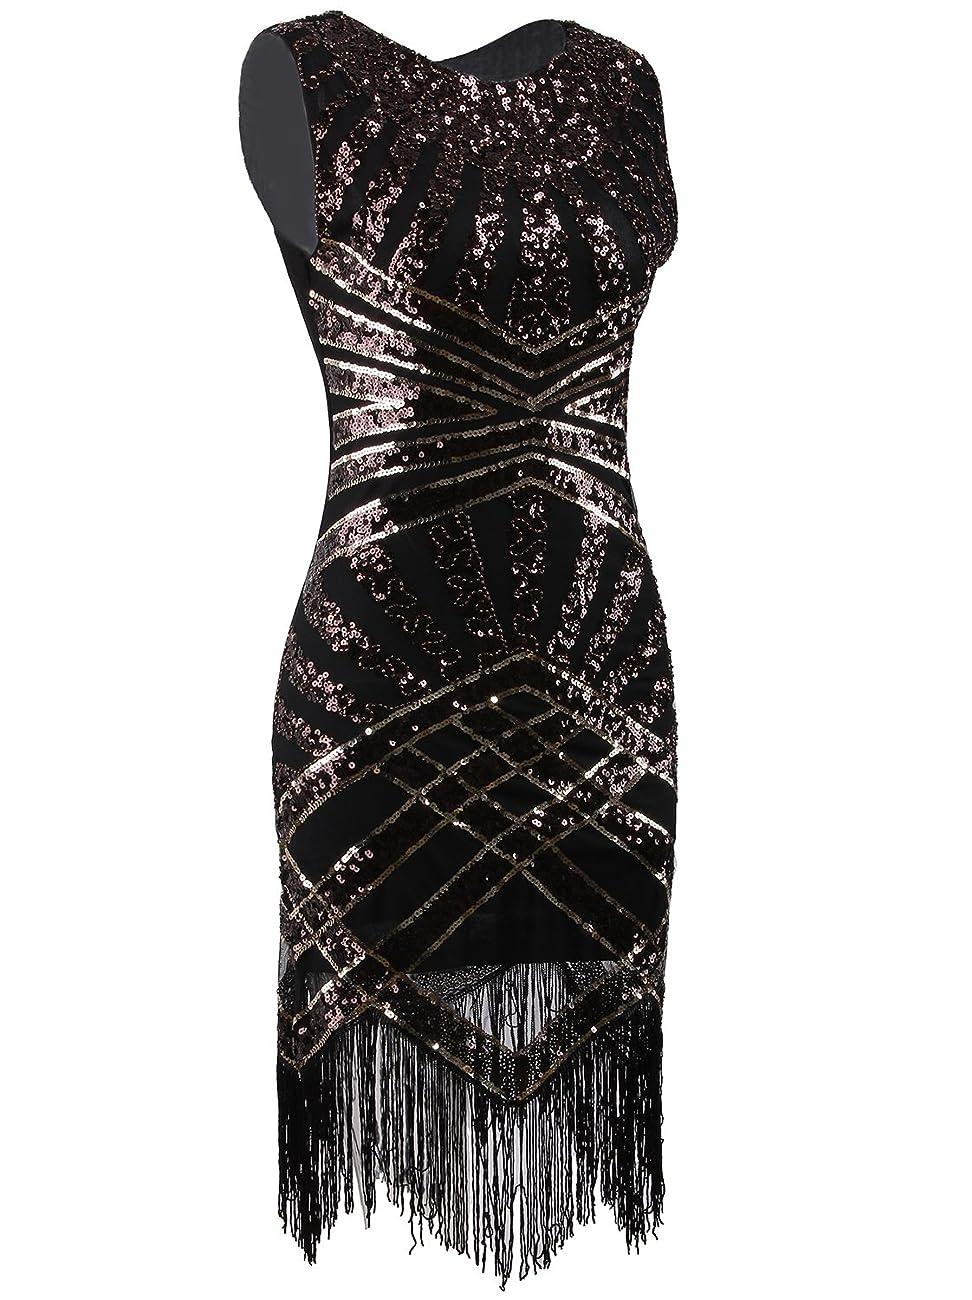 Vijiv Vintage 1920s Embellished Art Nouveau Fringe Sequin Beaded Flapper Dress 0